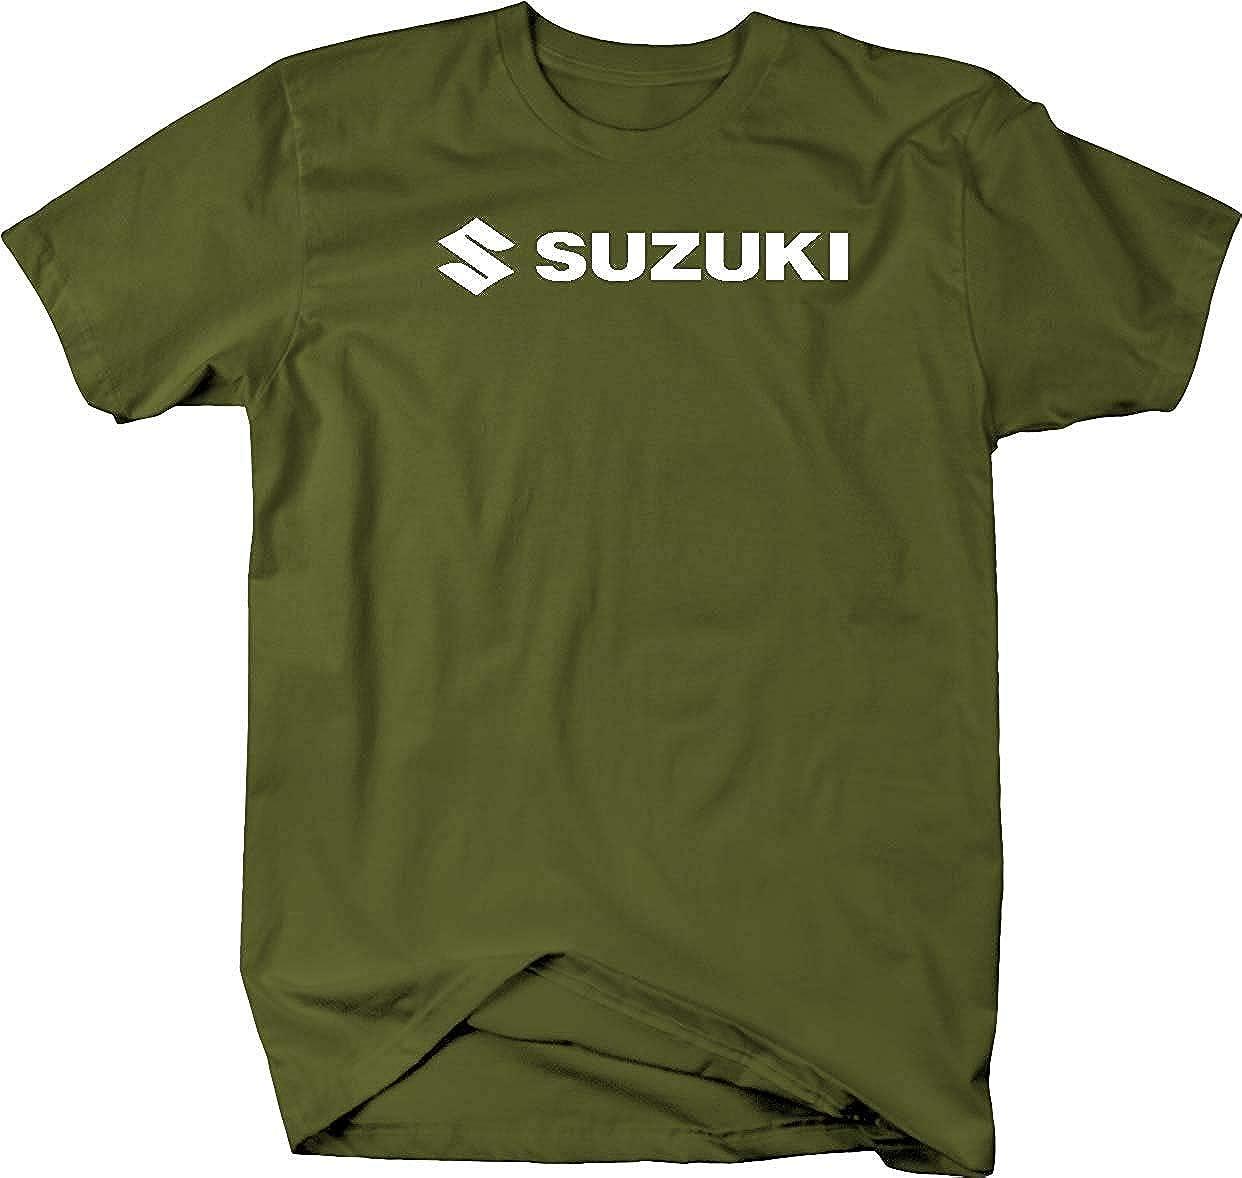 Seite mit Seite Motorrad f/ür Suzuki S Club Tee 4x4 Racing Herren T-Shirt